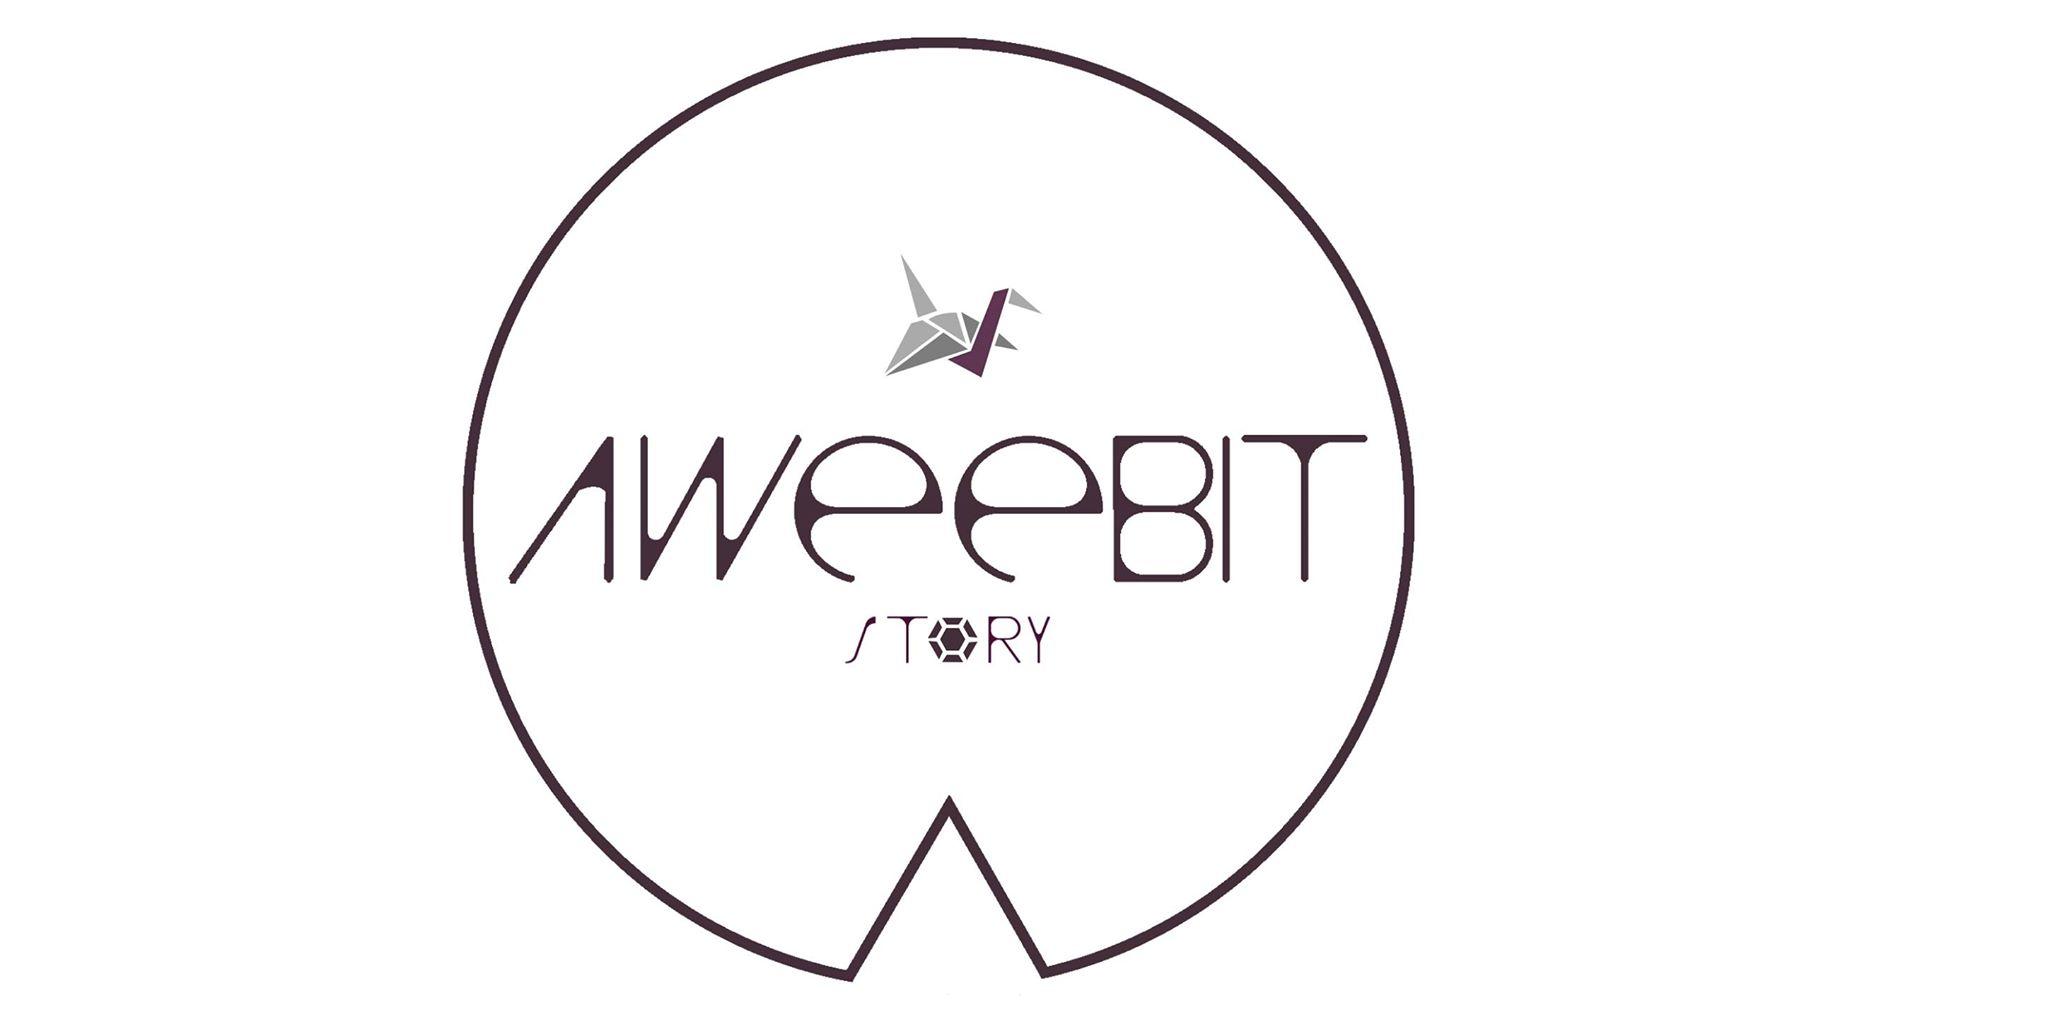 Aweebit